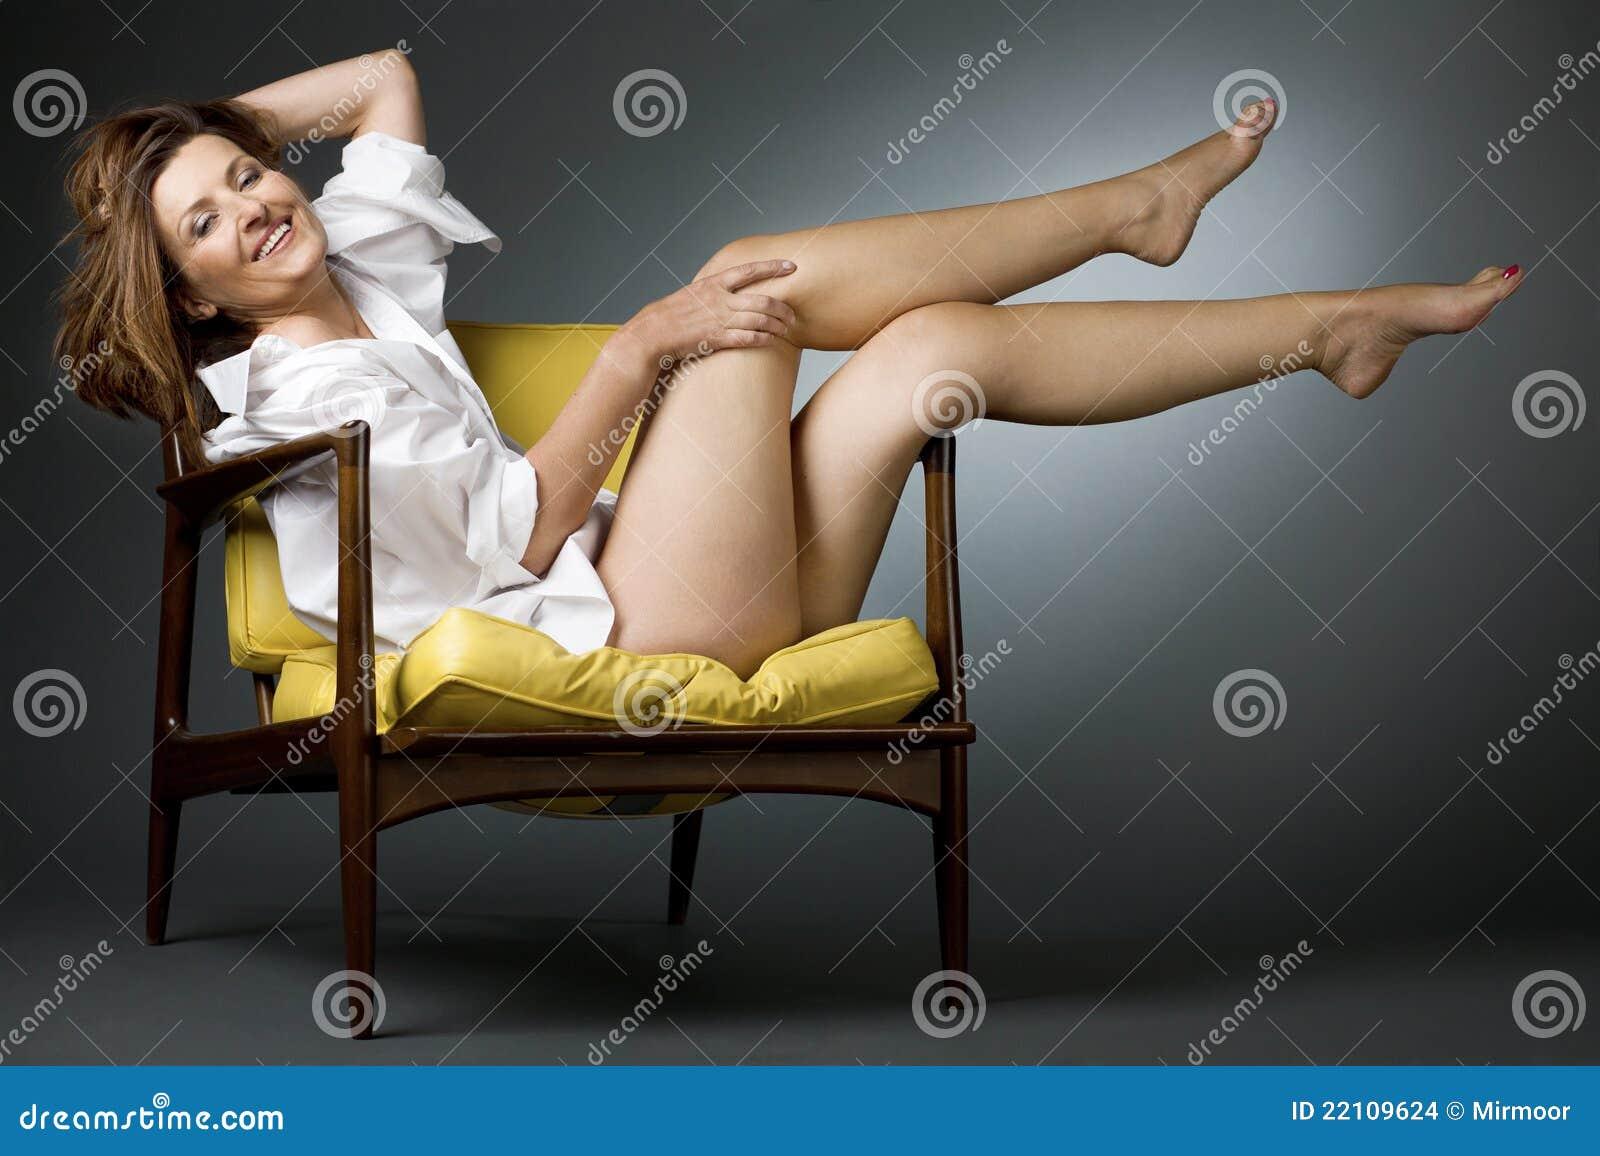 Mature women legs Attractive Mature Women Incl Nice Legs Flickr